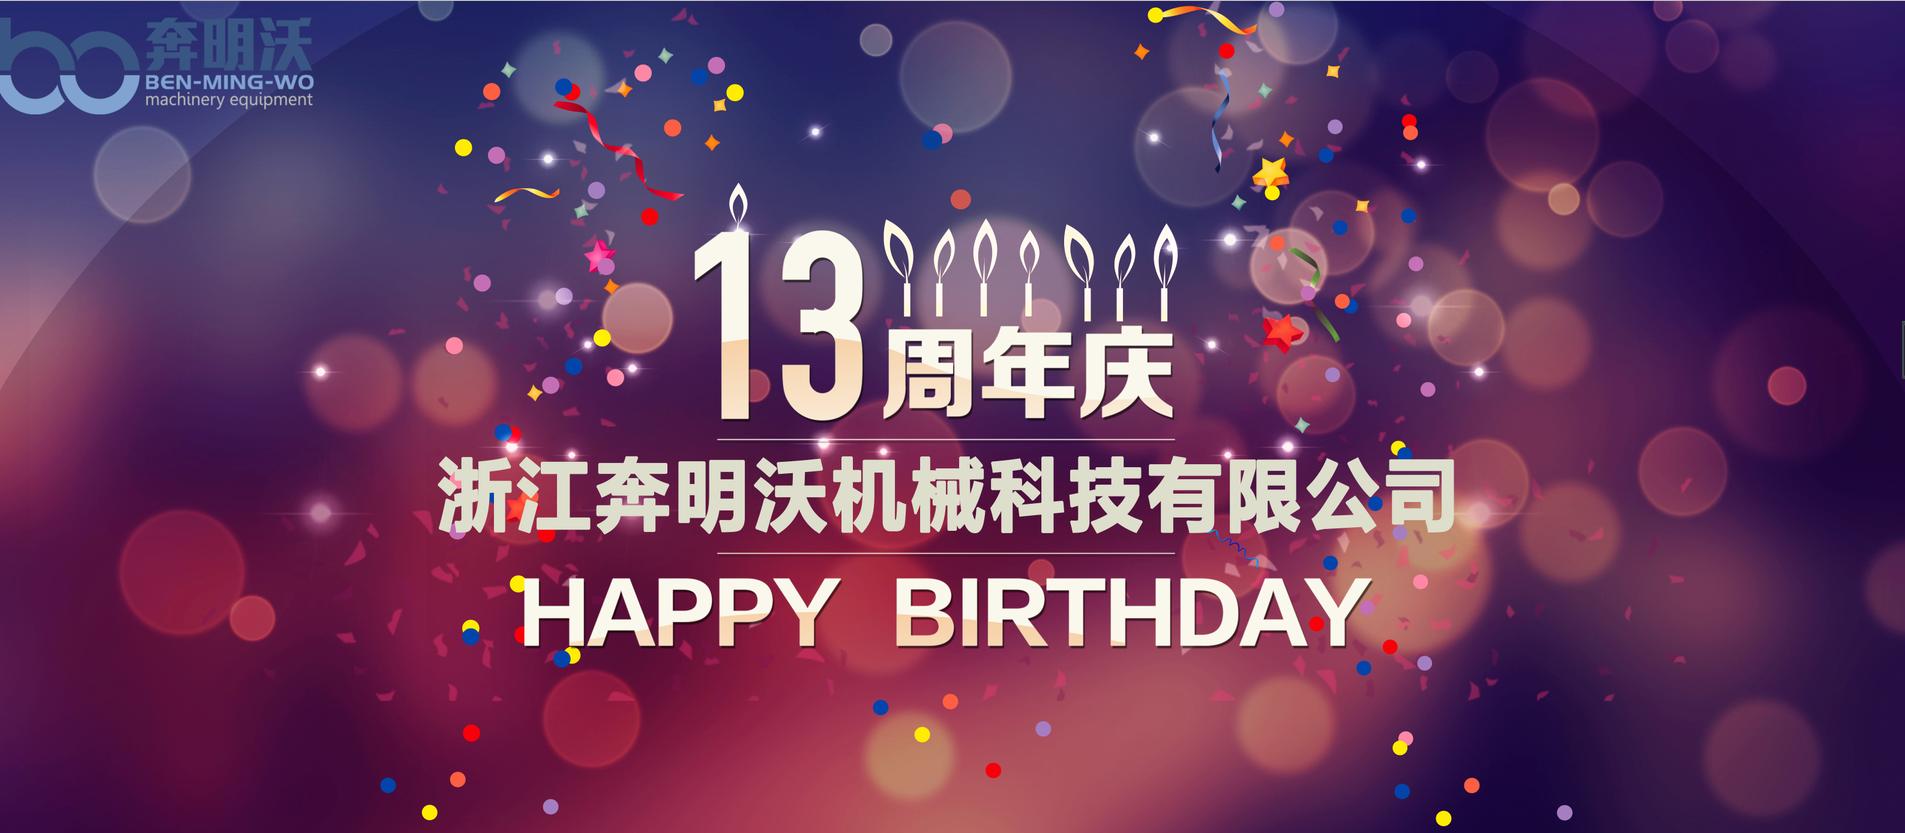 璀璨征程十三年,携手再创新篇章|热烈庆祝亚博体育意甲买球app成立十三周年!